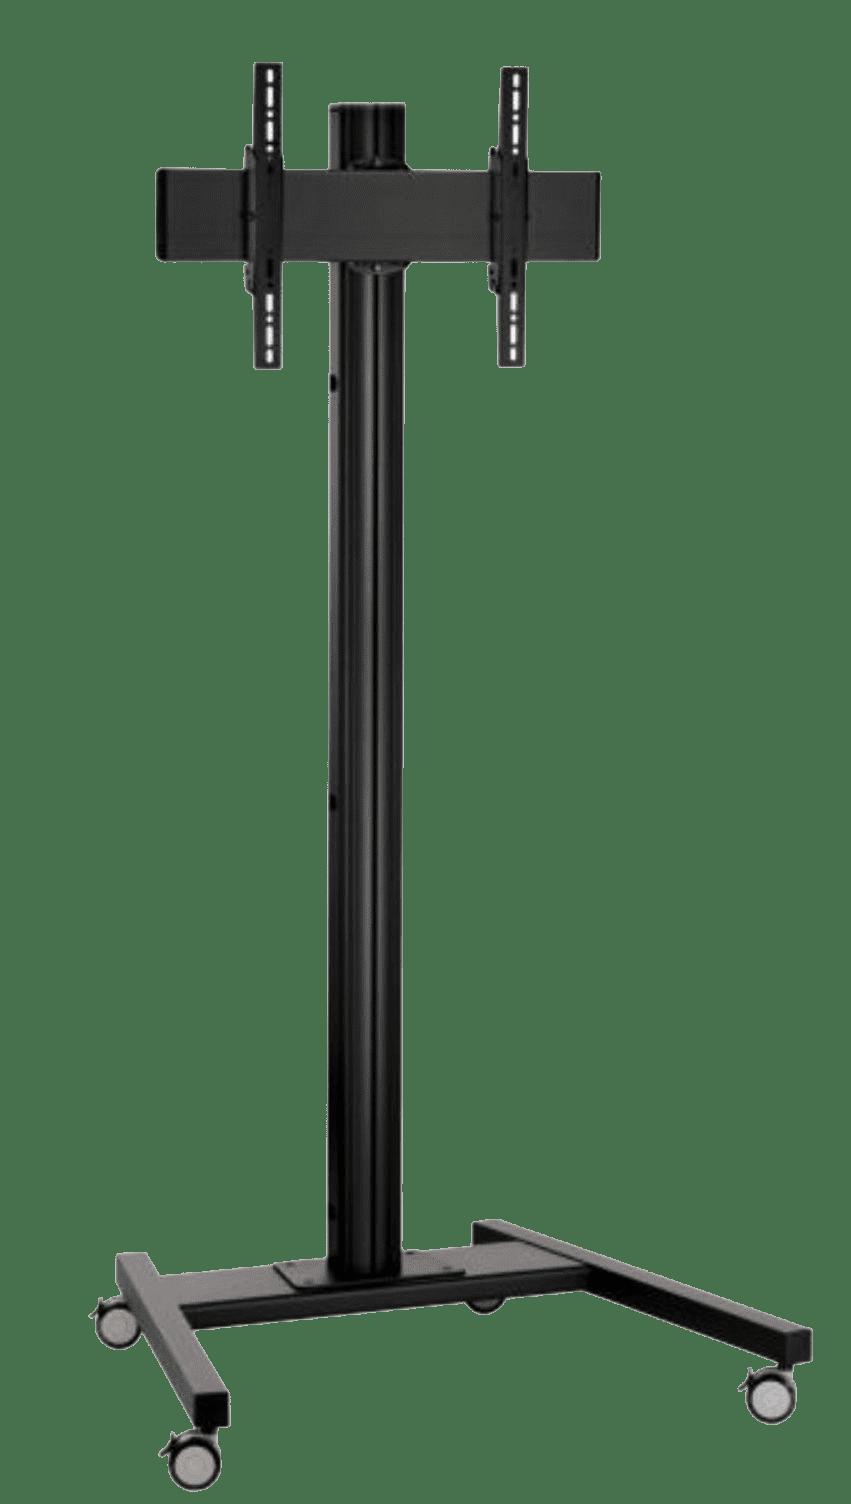 Produkte für die Videokonferenz - Elektrischer Rollwagen für Displays